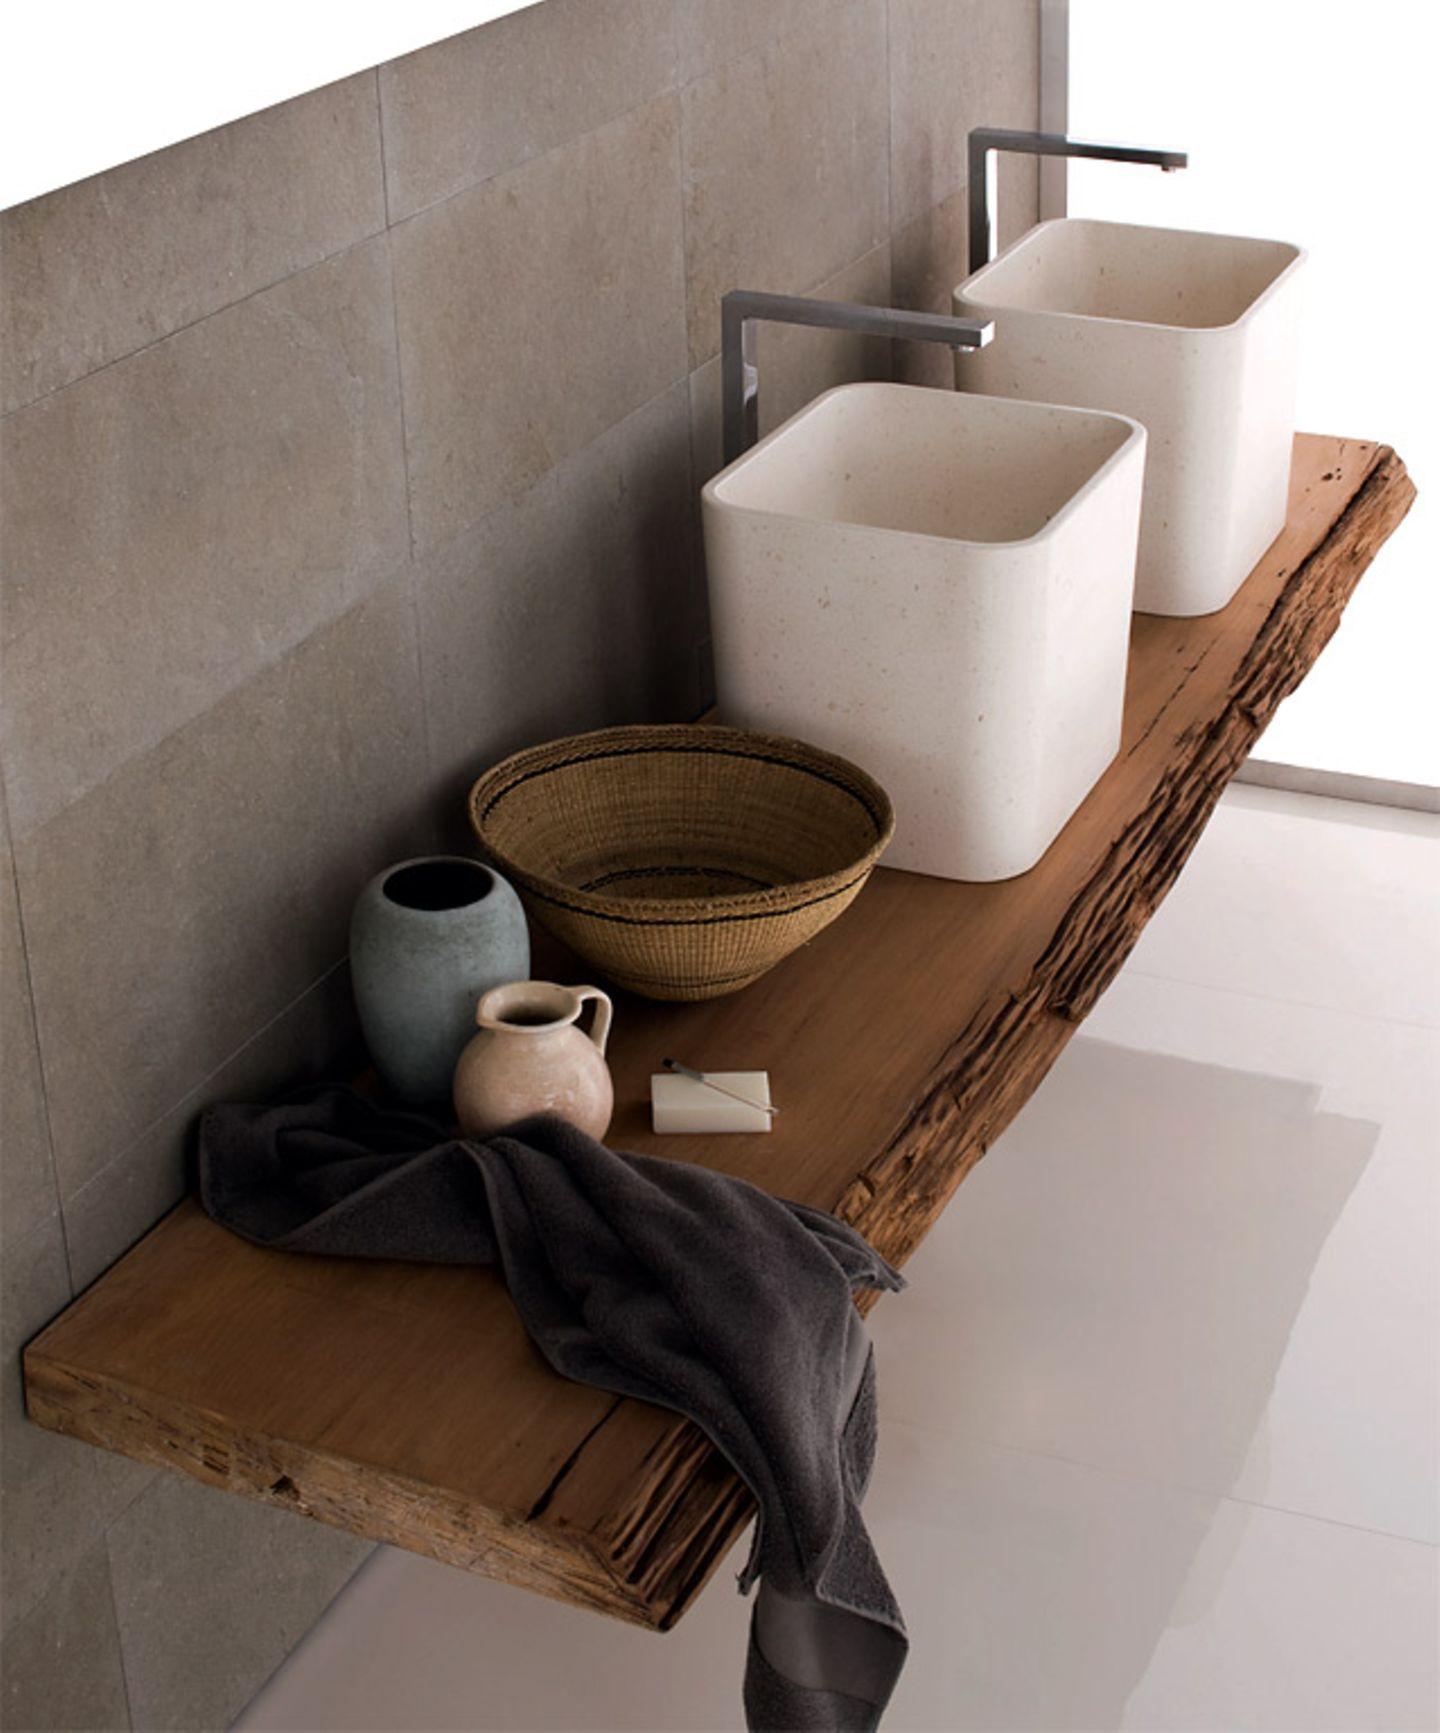 Holz macht das Bad wohnlich